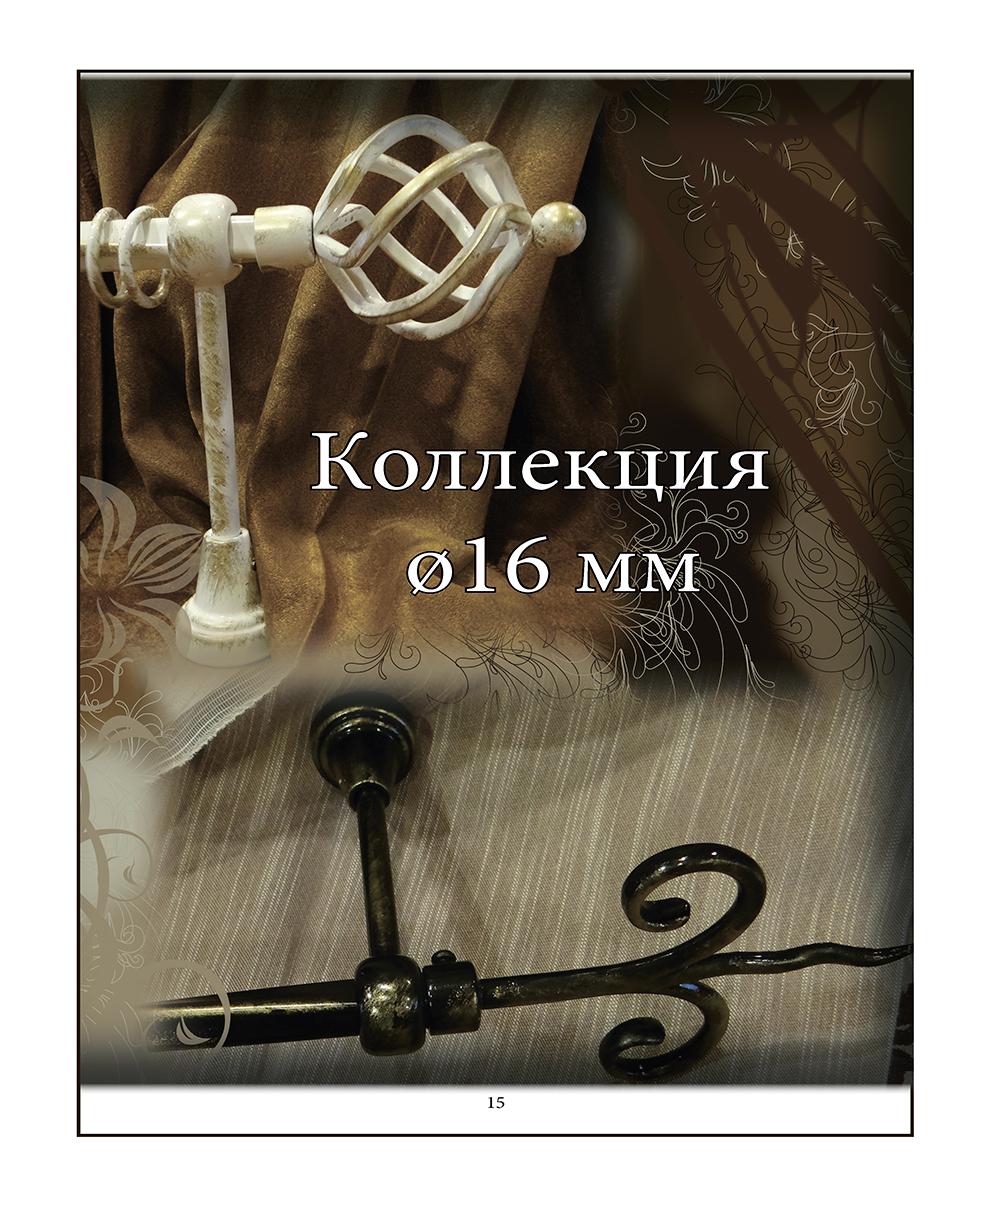 Каталог-КАРНИЗЫ-2_Страница_15